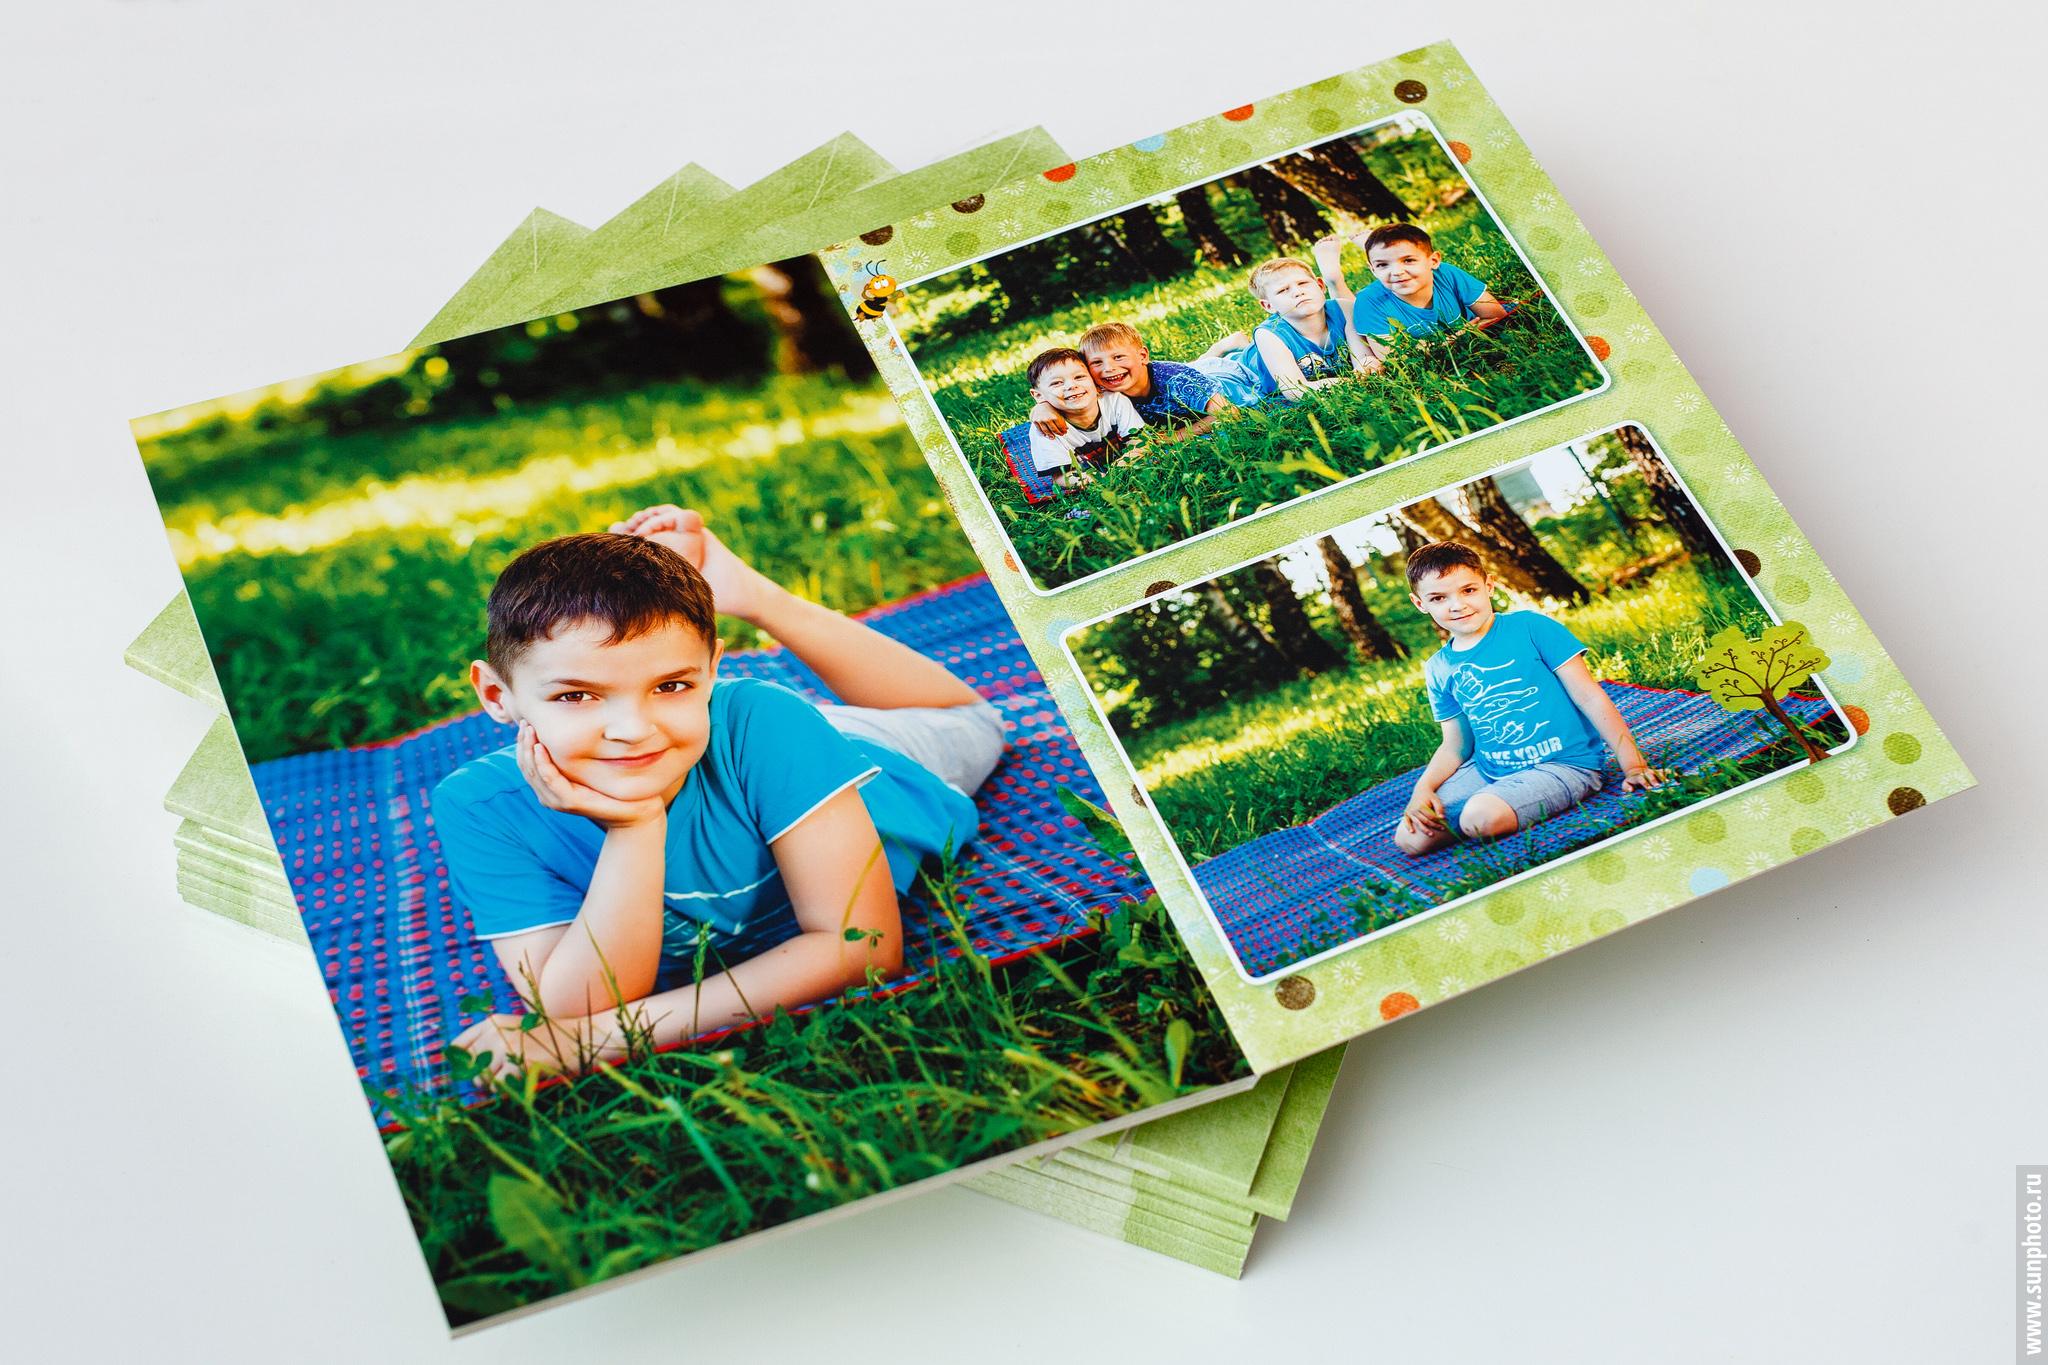 Пример разворота фотокниги (фотоальбома) на выпускной в детском саду